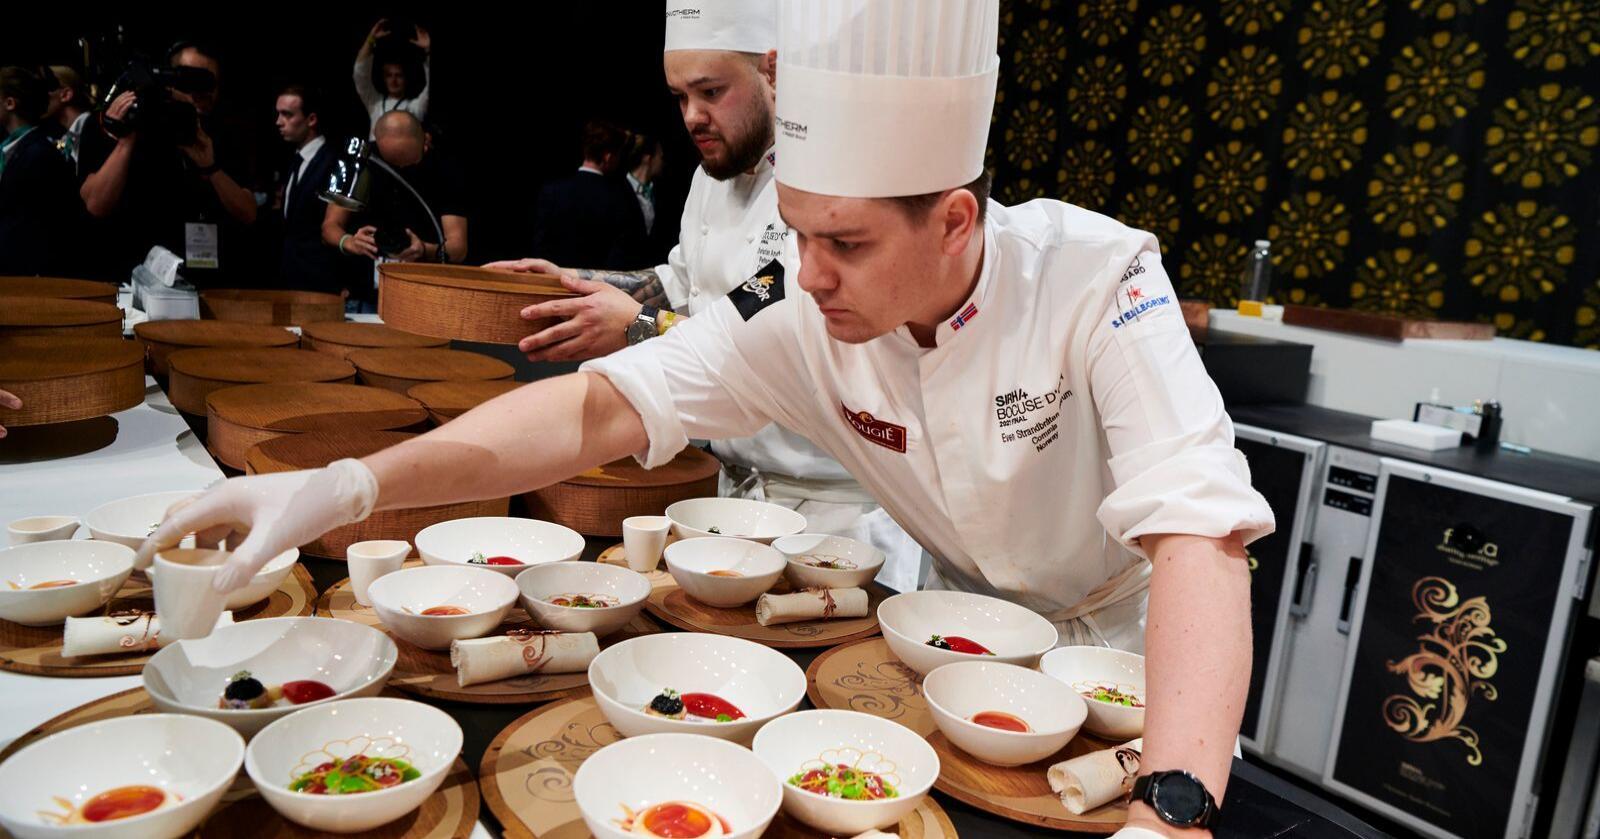 Her fra den store matkonkurransen Bocuse d'Or, hvor maten leveres i det tradisjonelle Ferdaskrinet. Foto: Stiftelsen Norsk gastronomi /Julien Bouvier